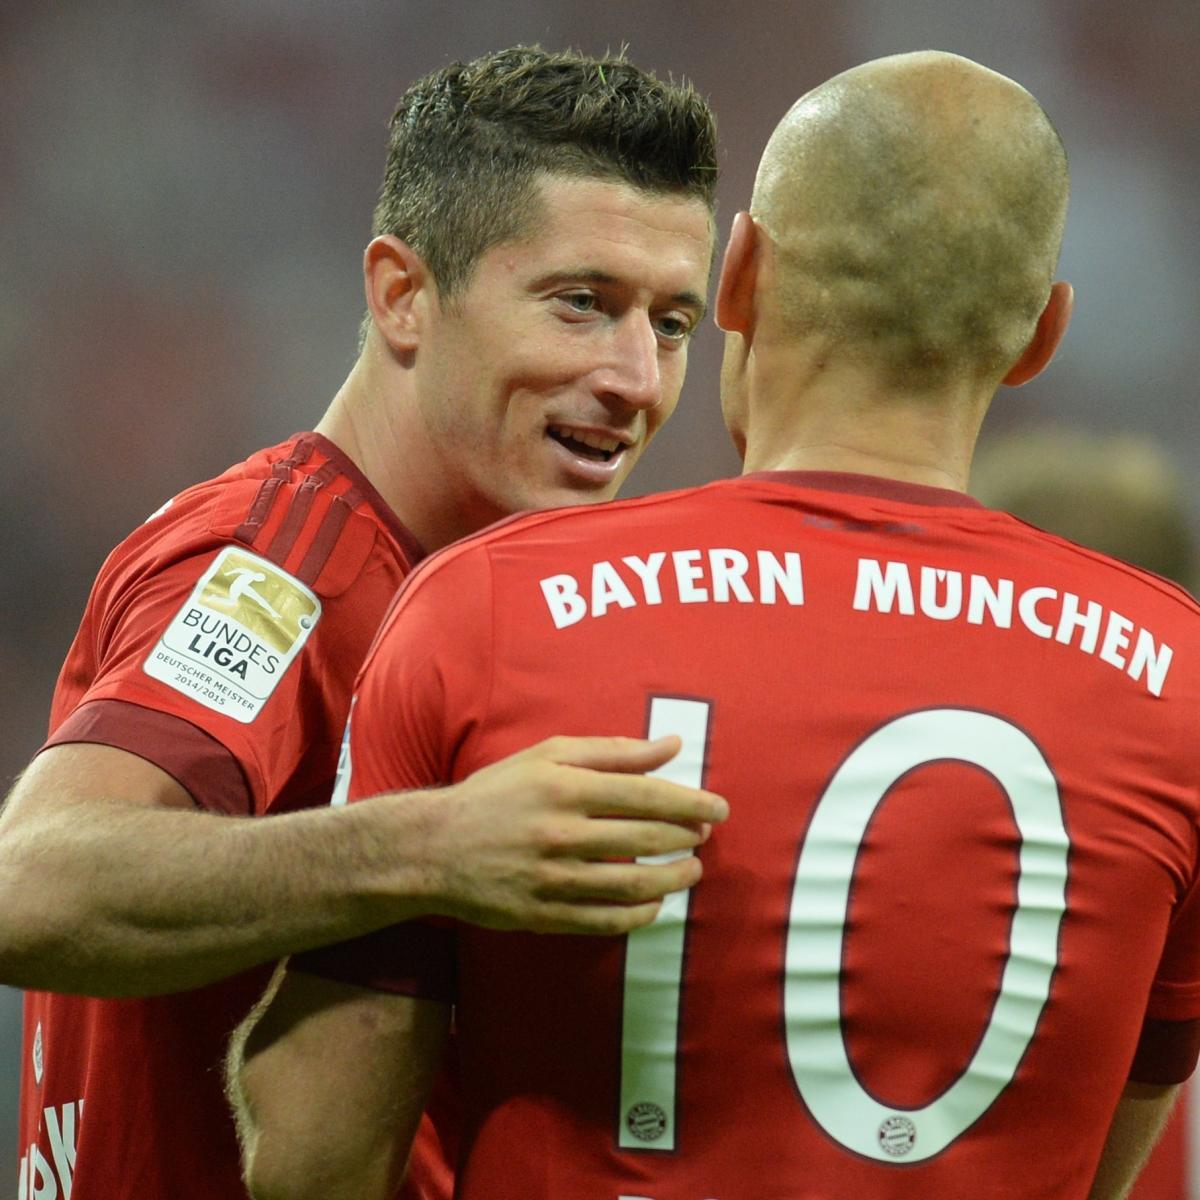 Manchester United Transfer News Arjen Robben Fee Emerges: Manchester United Transfer News: Latest Arjen Robben